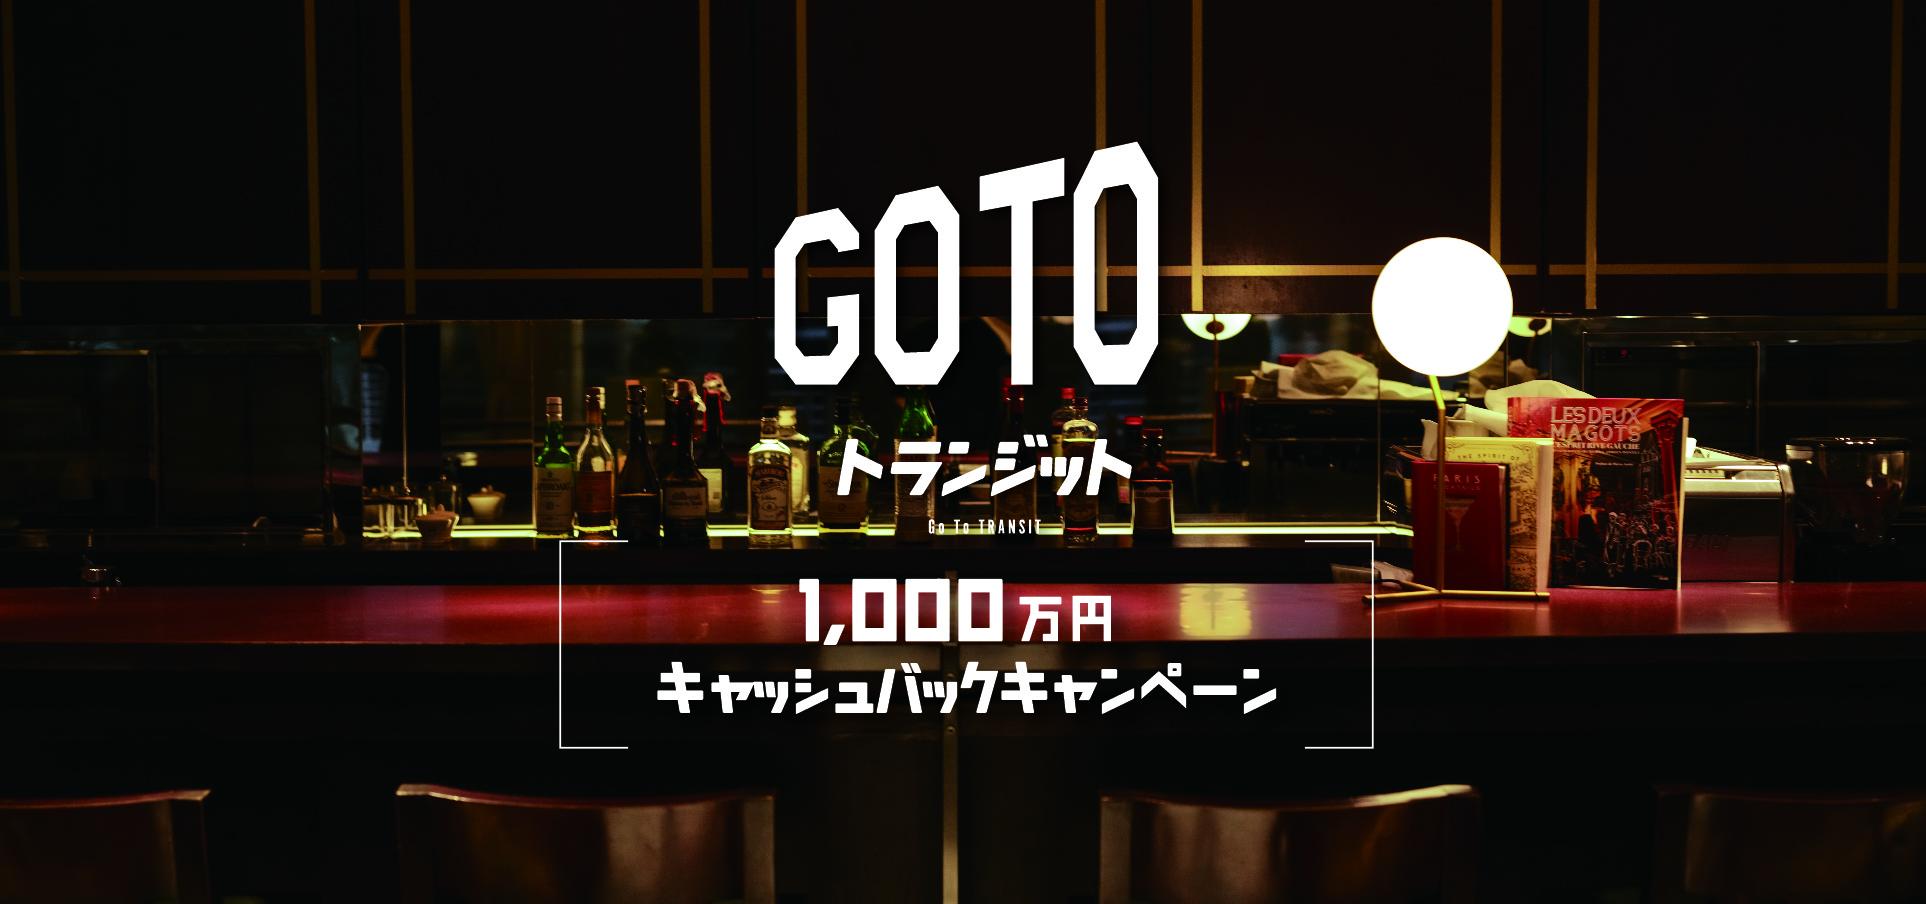 【総額1,000万円!】渋谷の喧騒を忘れられる隠れ家フレンチの人気コースをご利用で、半額食事券をキャッシュバック!